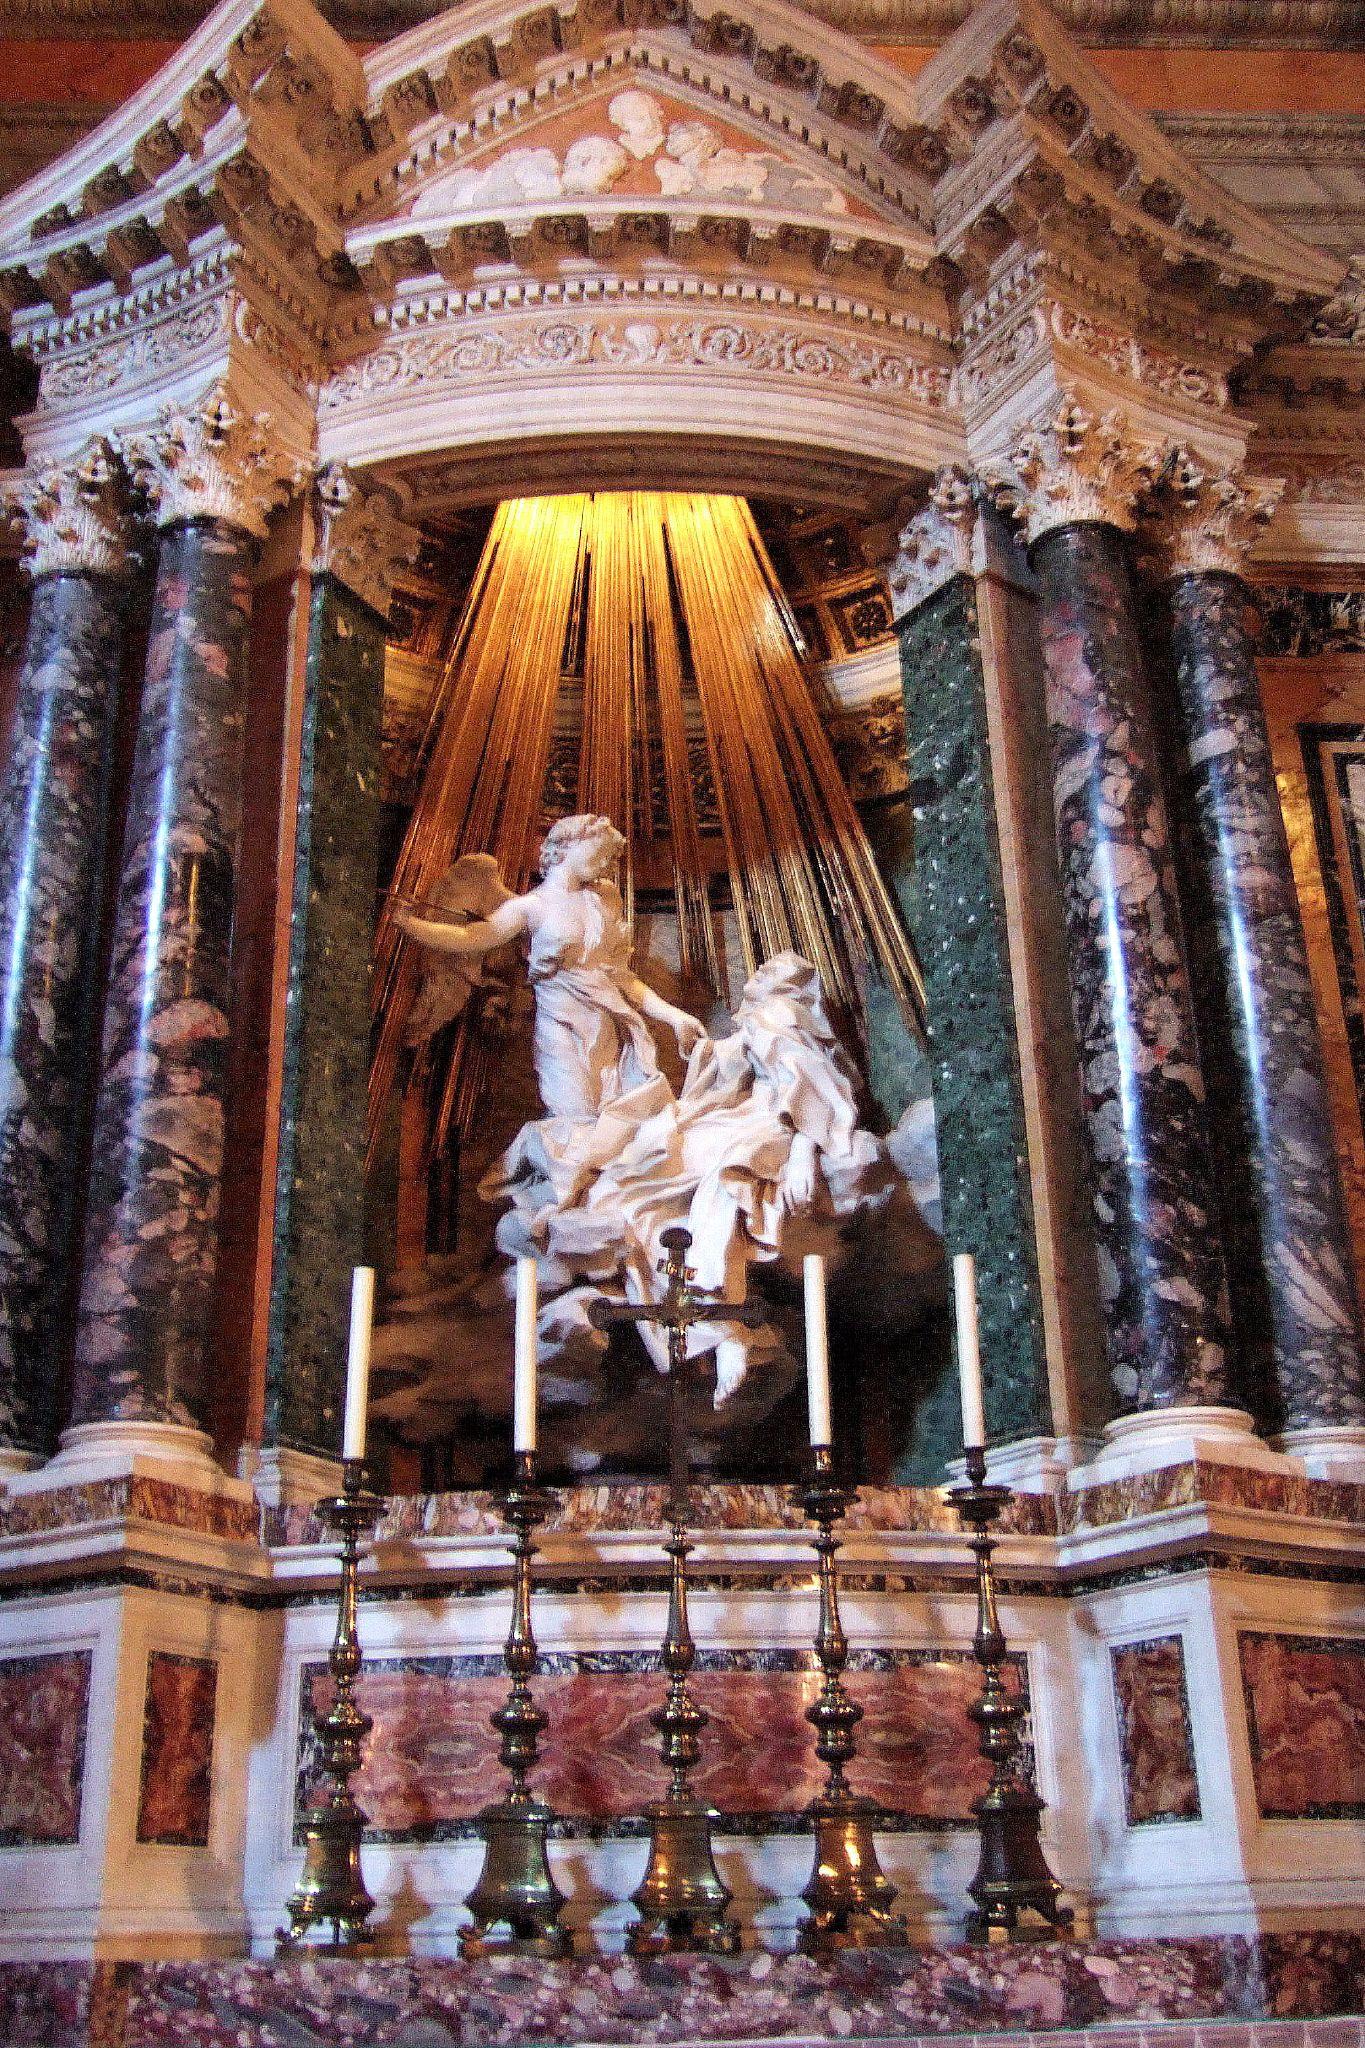 Barocco - Wikipedia